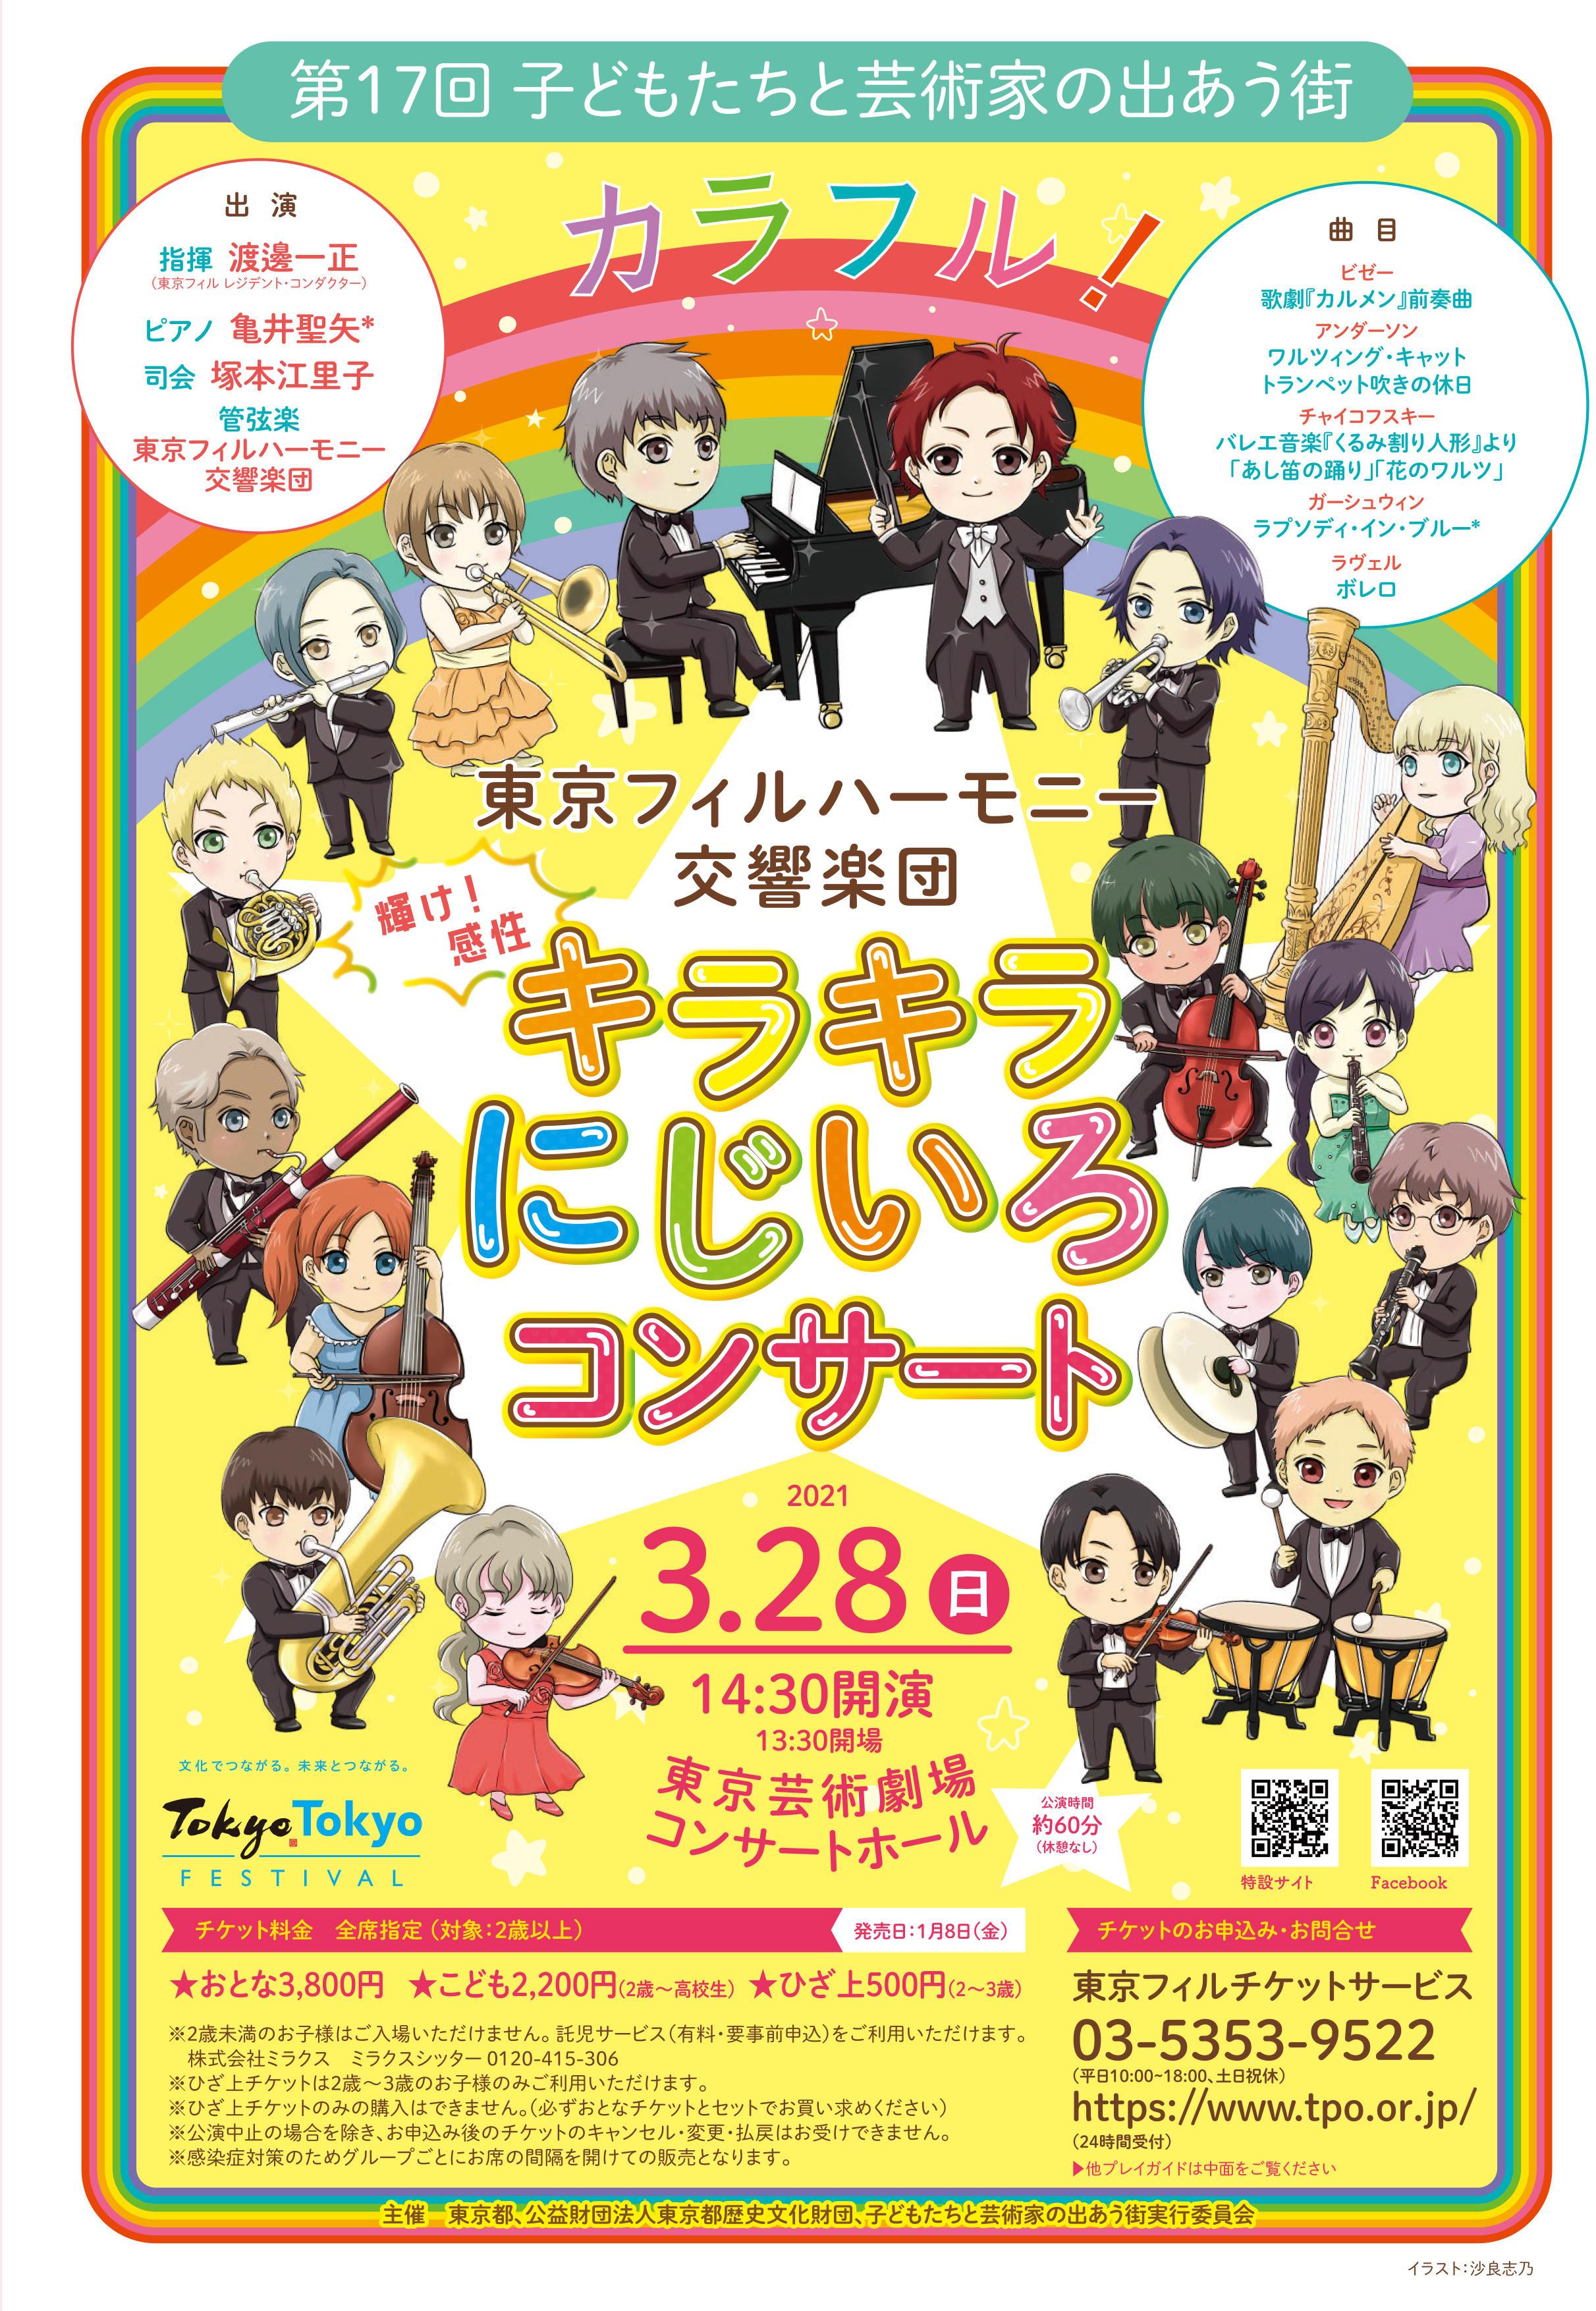 公演カラーA3_kogei_web-1.jpg